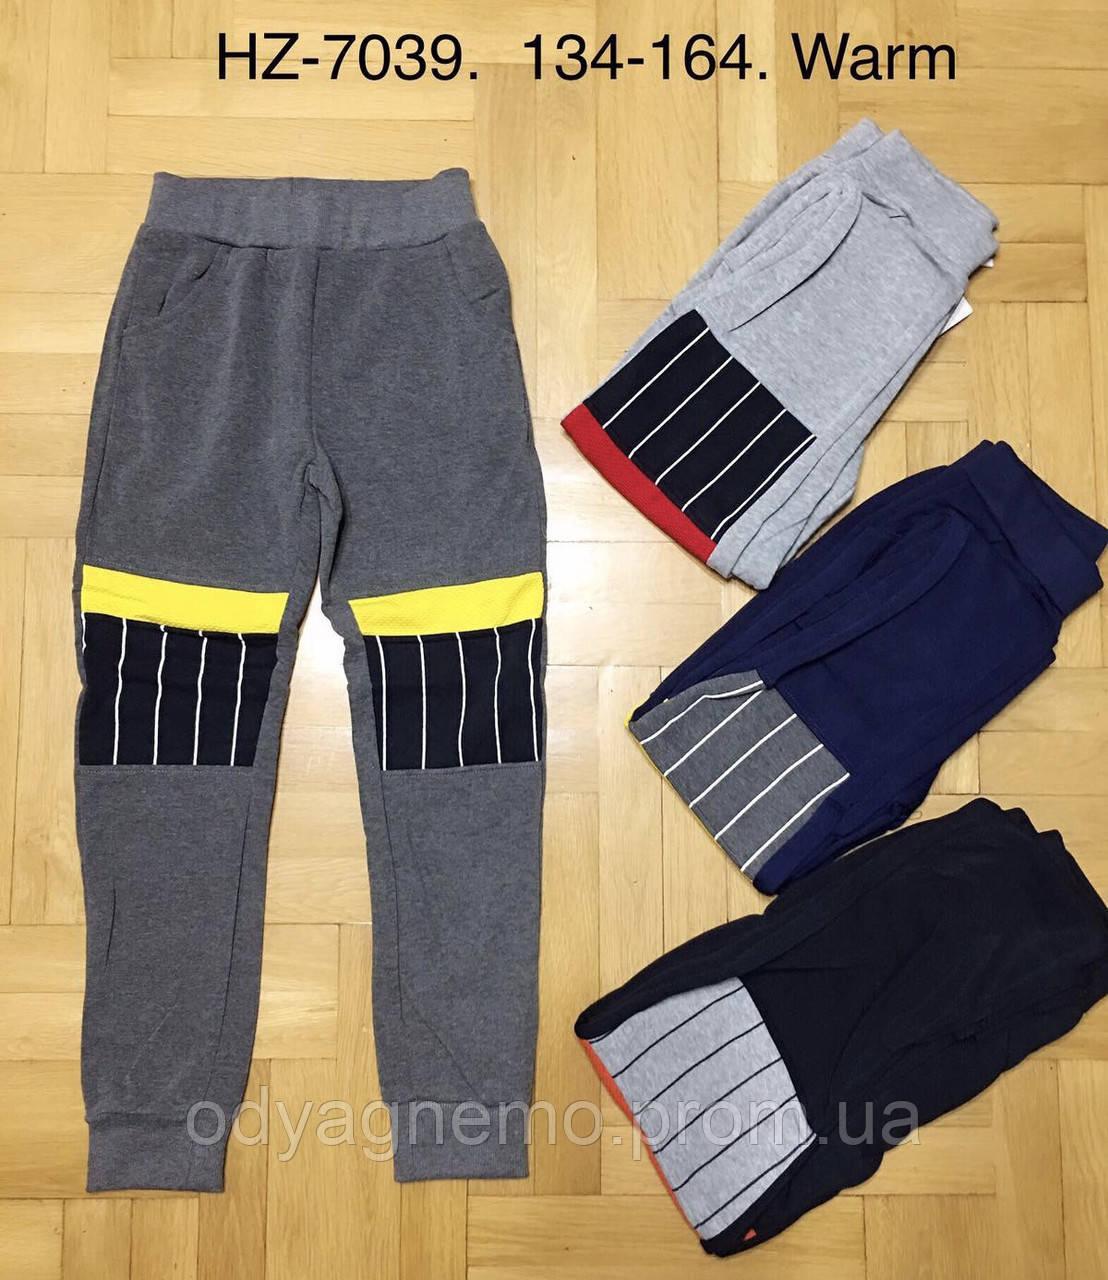 Спортивные брюки для мальчиков Active Sports оптом, 134-164 рр. Артикул: HZ7039